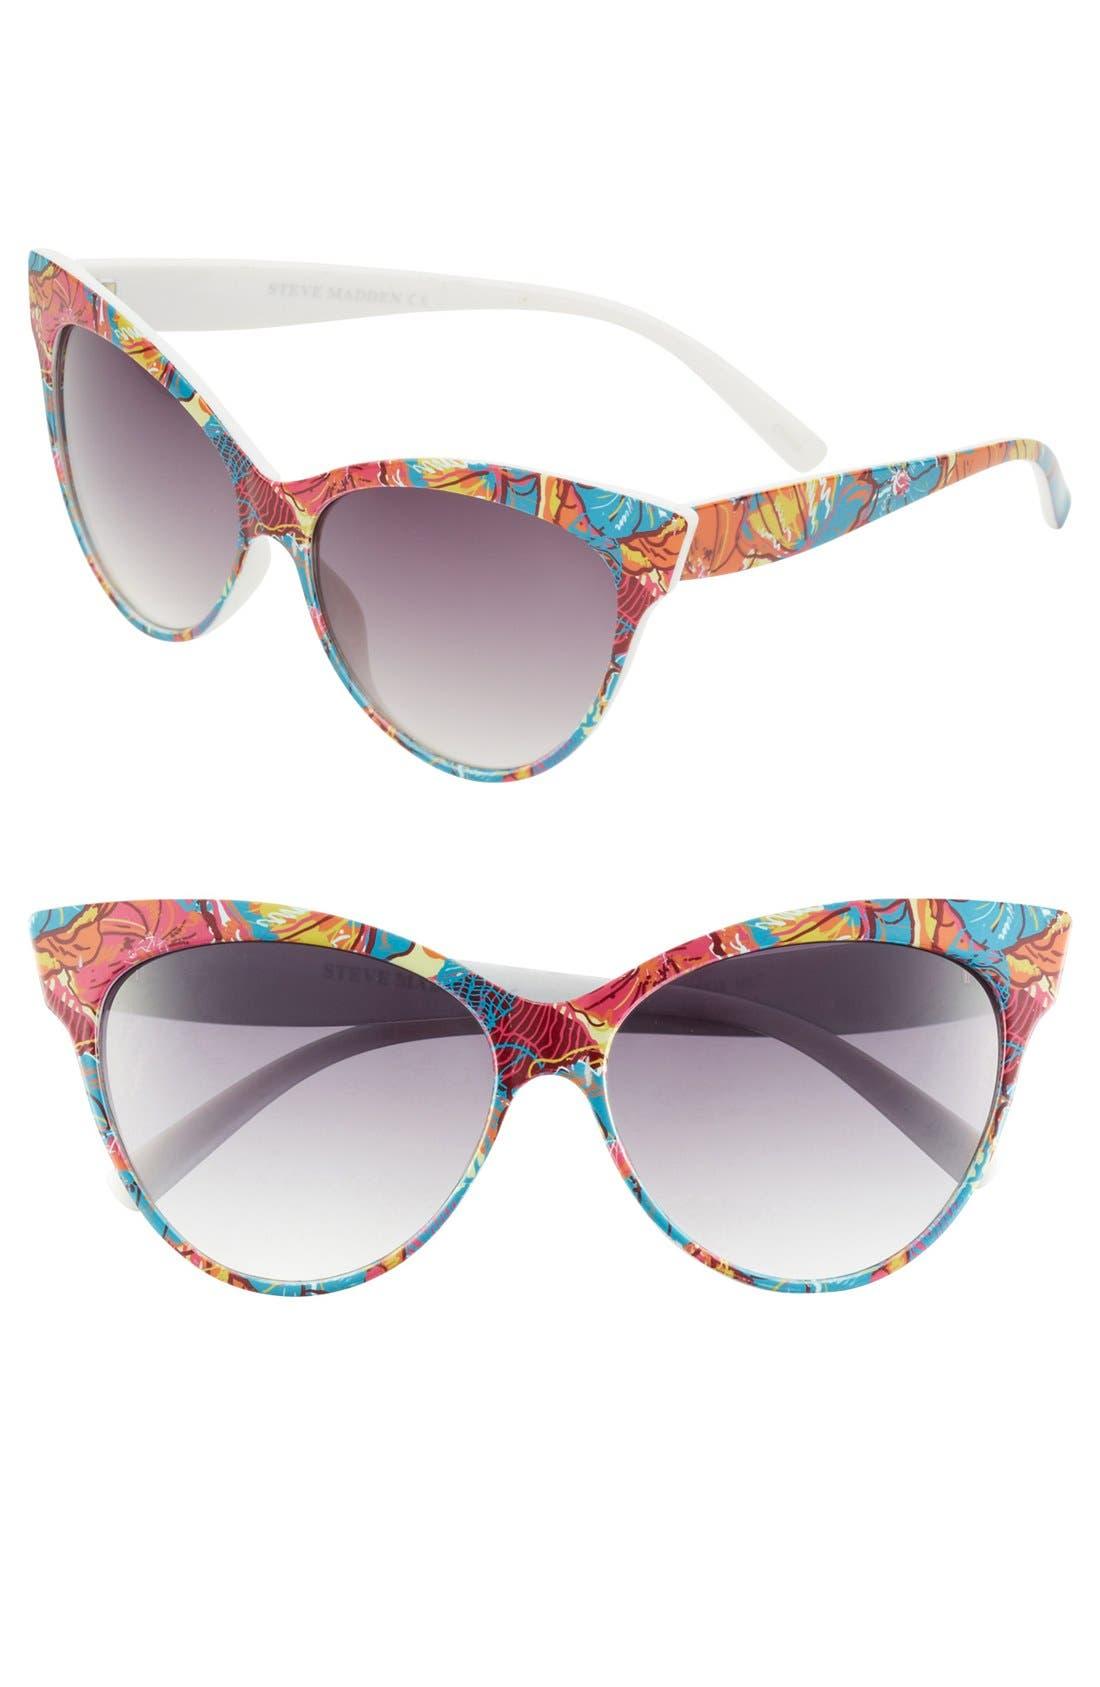 Main Image - Steven Madden Print Cat's Eye Sunglasses